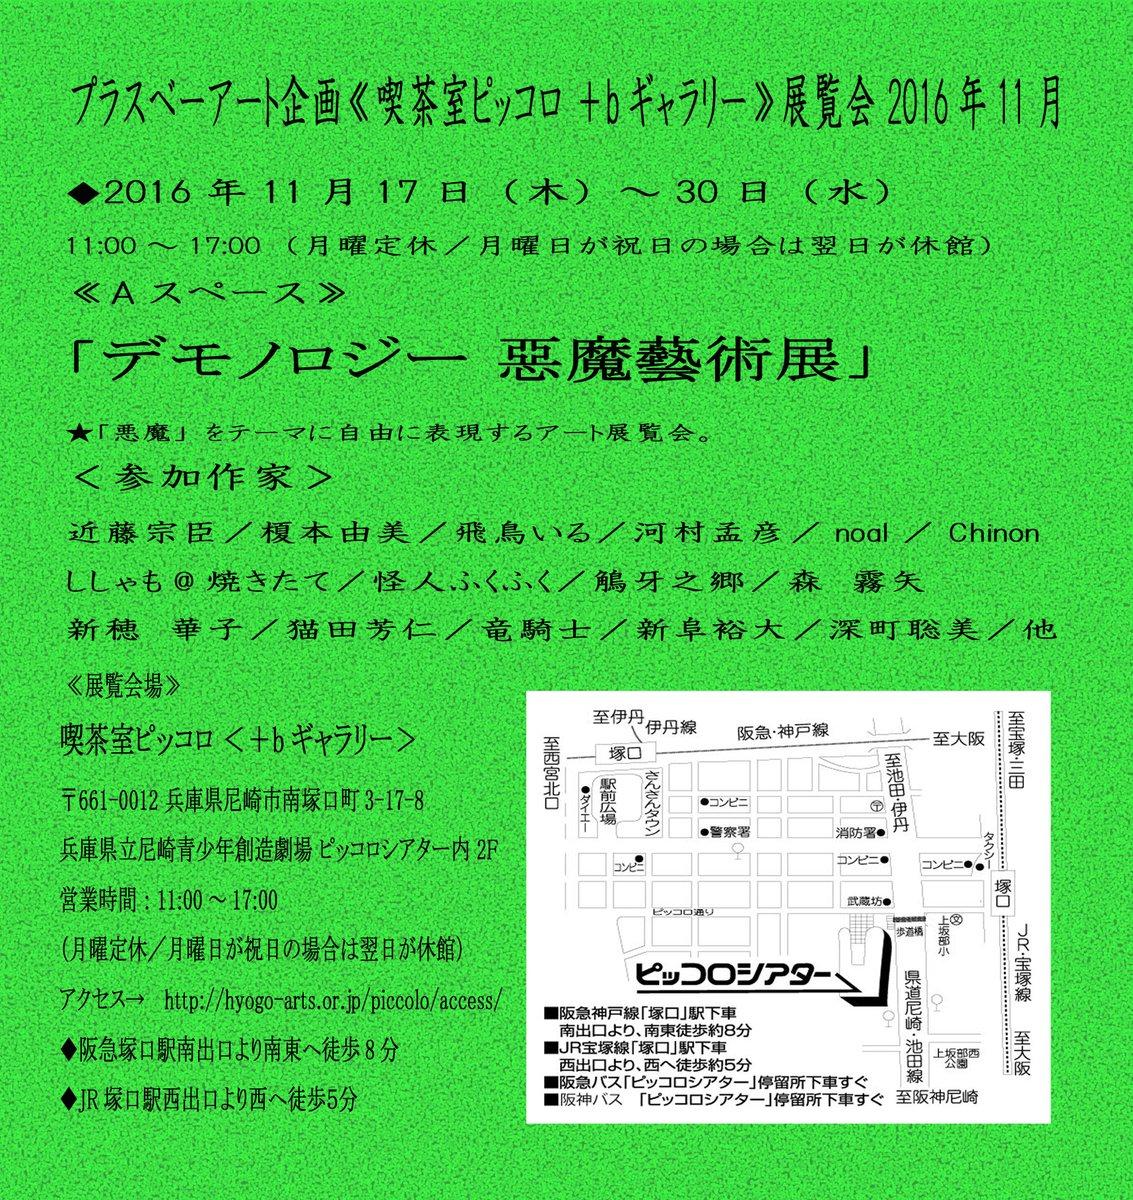 デモノロジー 惡魔藝術展_a0093332_1339329.jpg